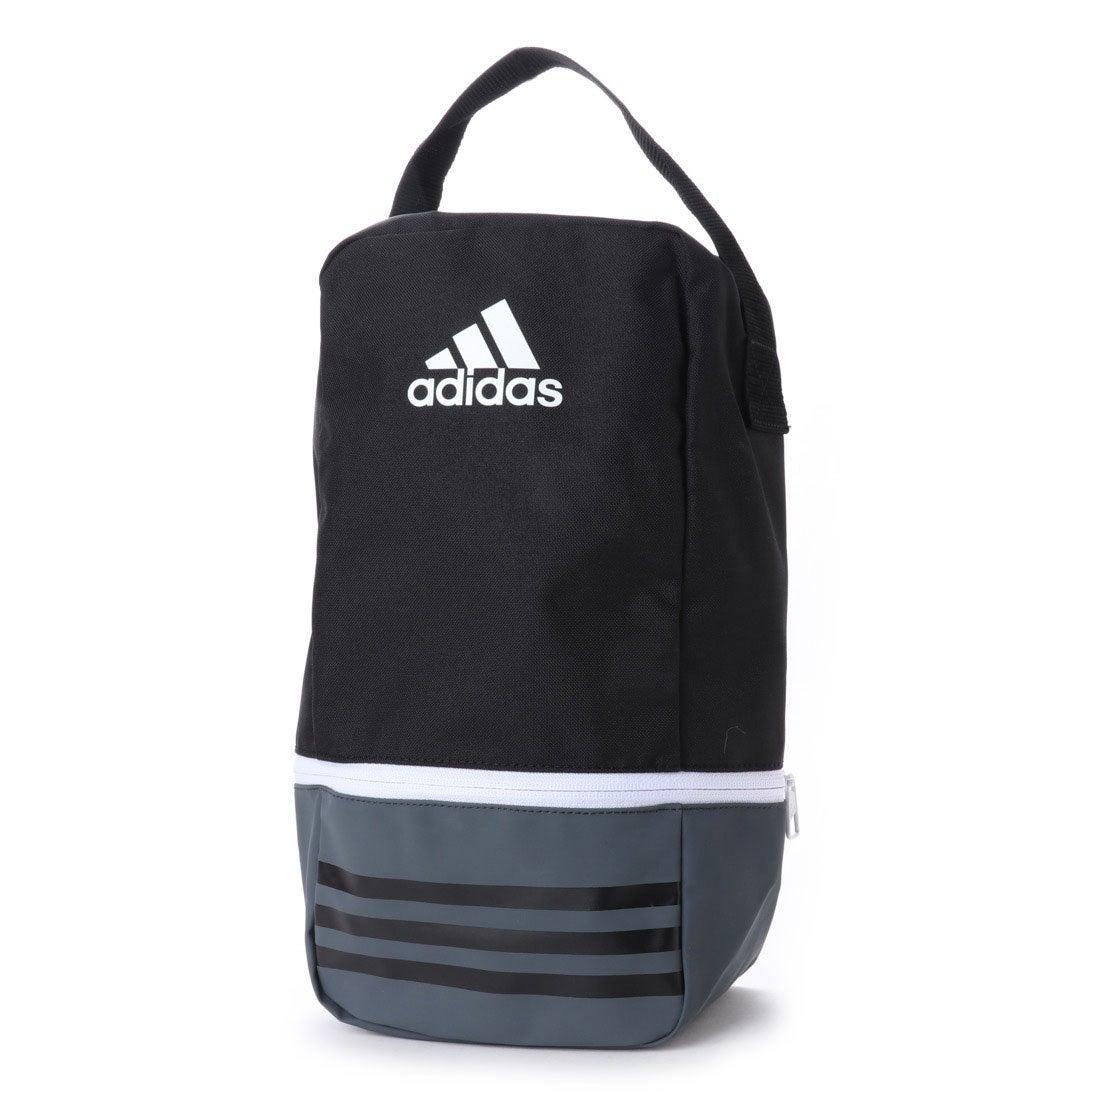 アディダス adidas サッカー フットサル シューズケース TIRO シューズバッグ B46133